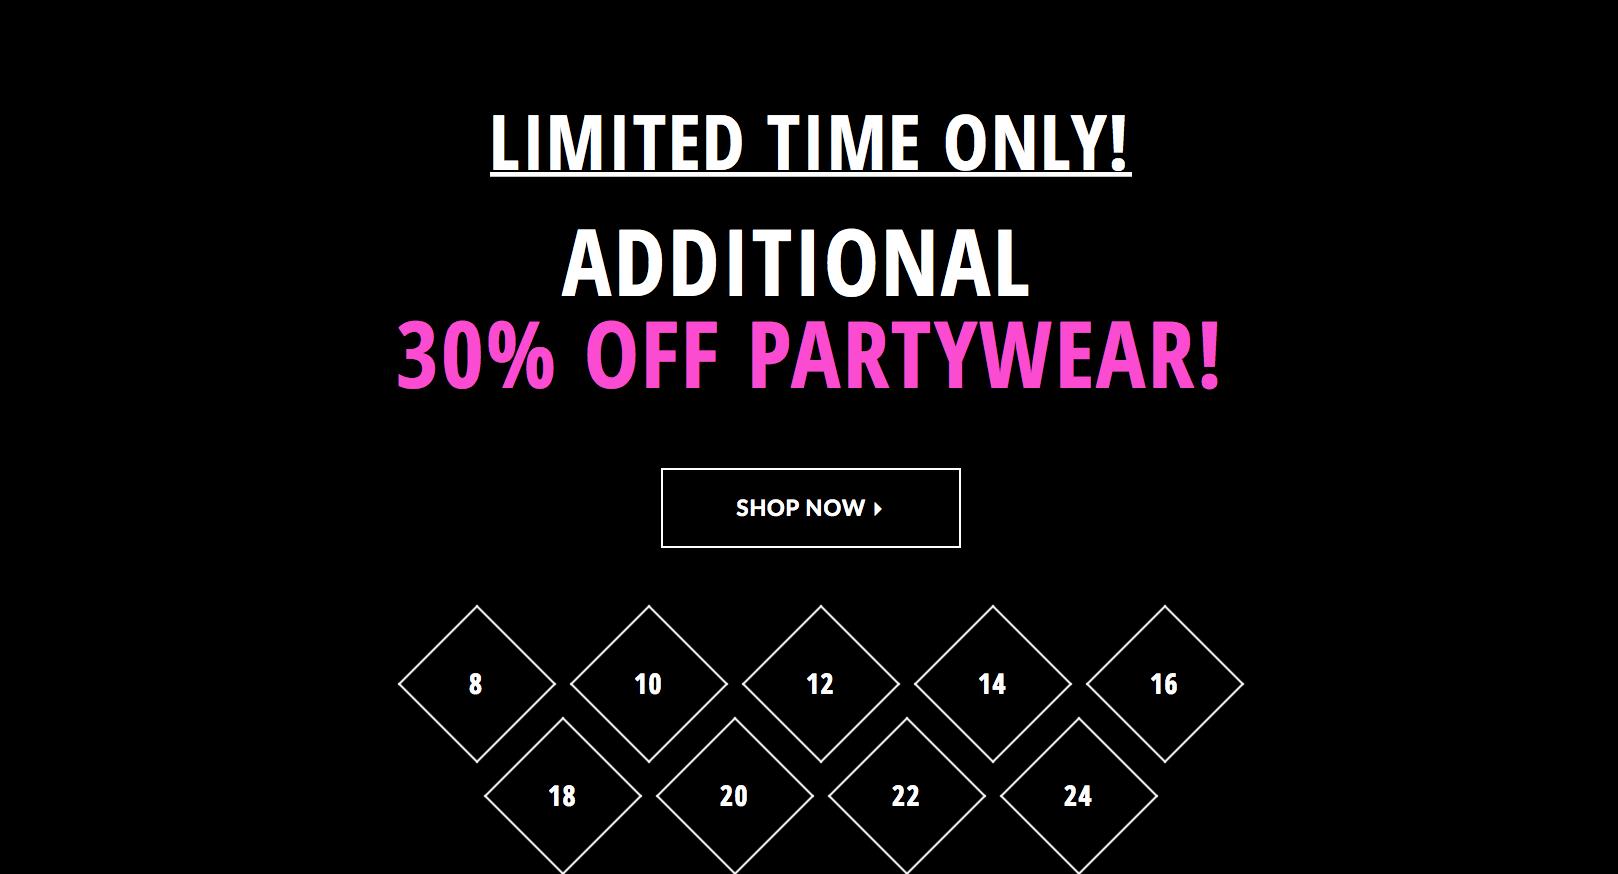 Just Last Season: 30% off partywear